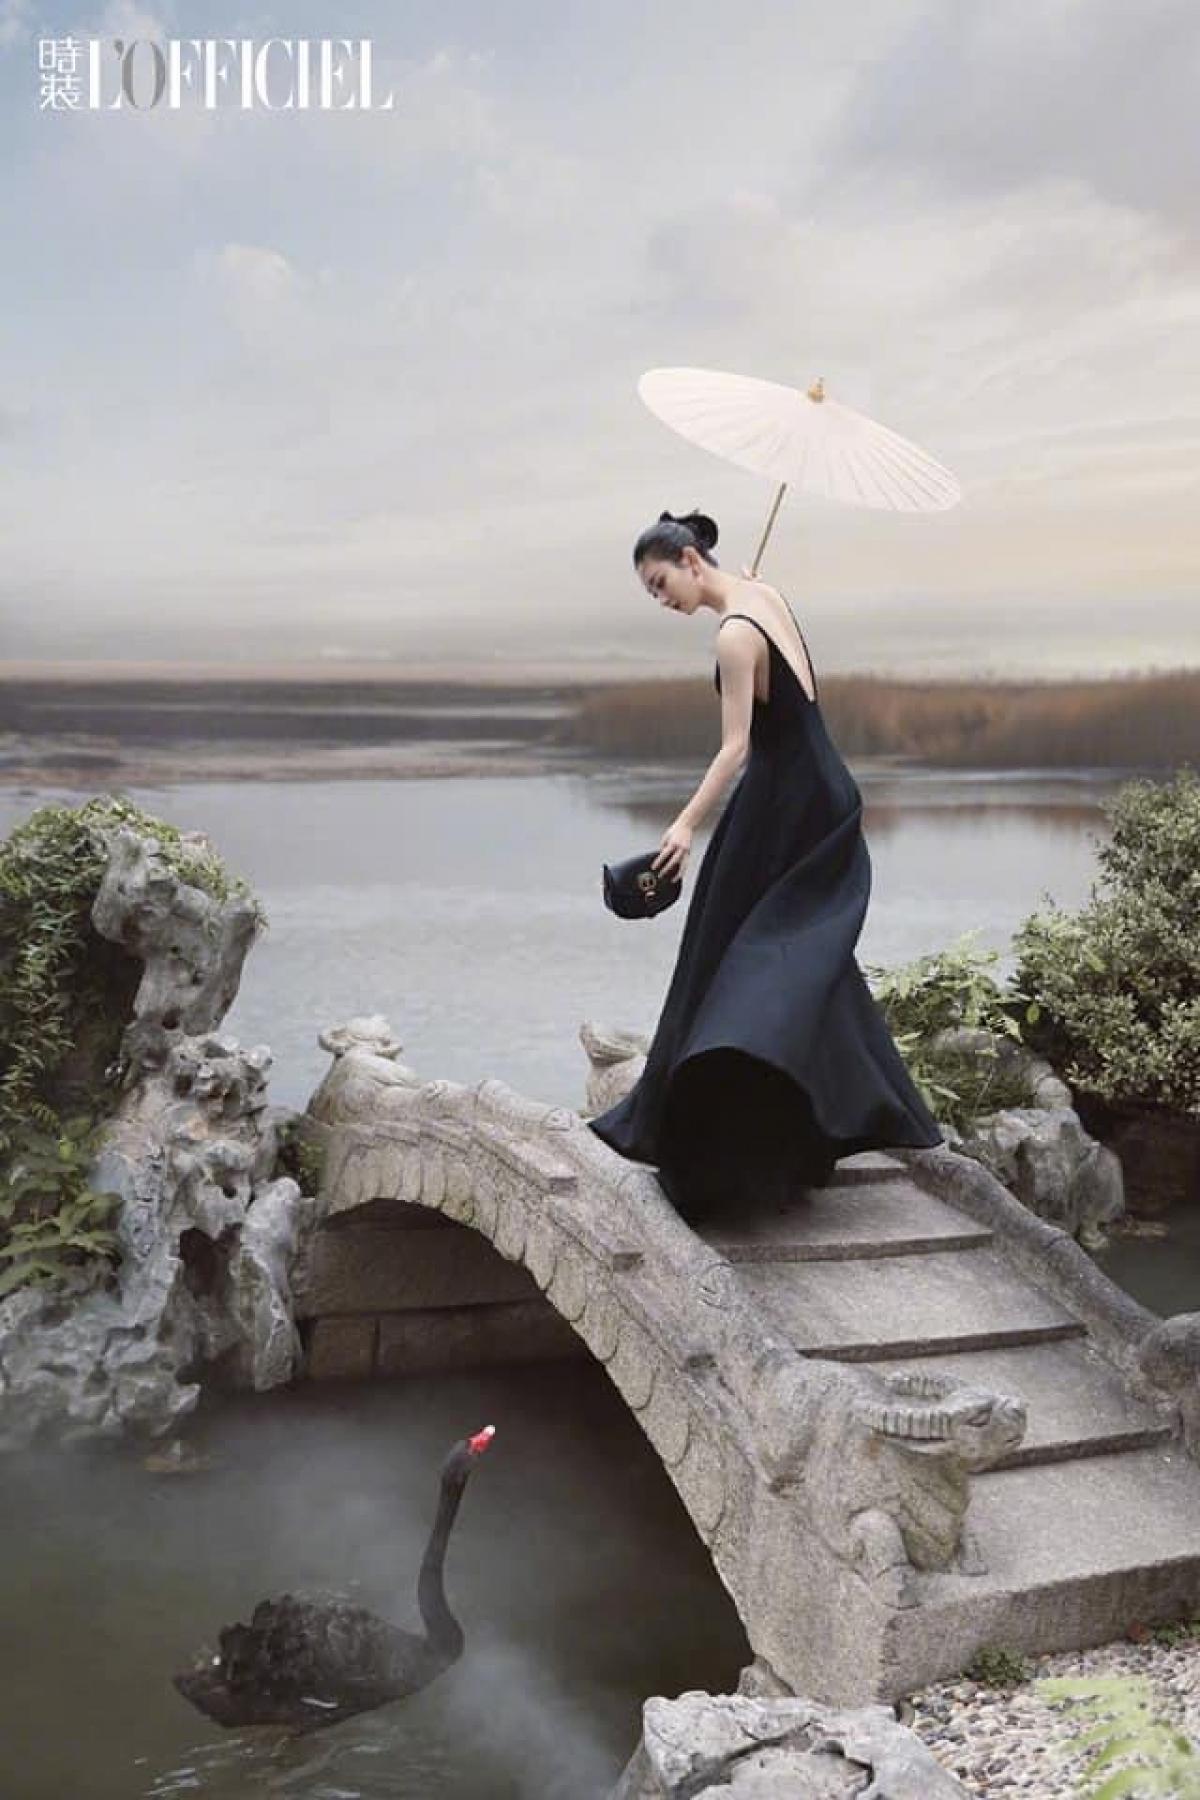 Vạt váy bay theo gió, Triệu Lệ Dĩnh lộ ra tấm lưng xinh đẹp, trên tay cầm ô toát ra khí chất thần tiên.